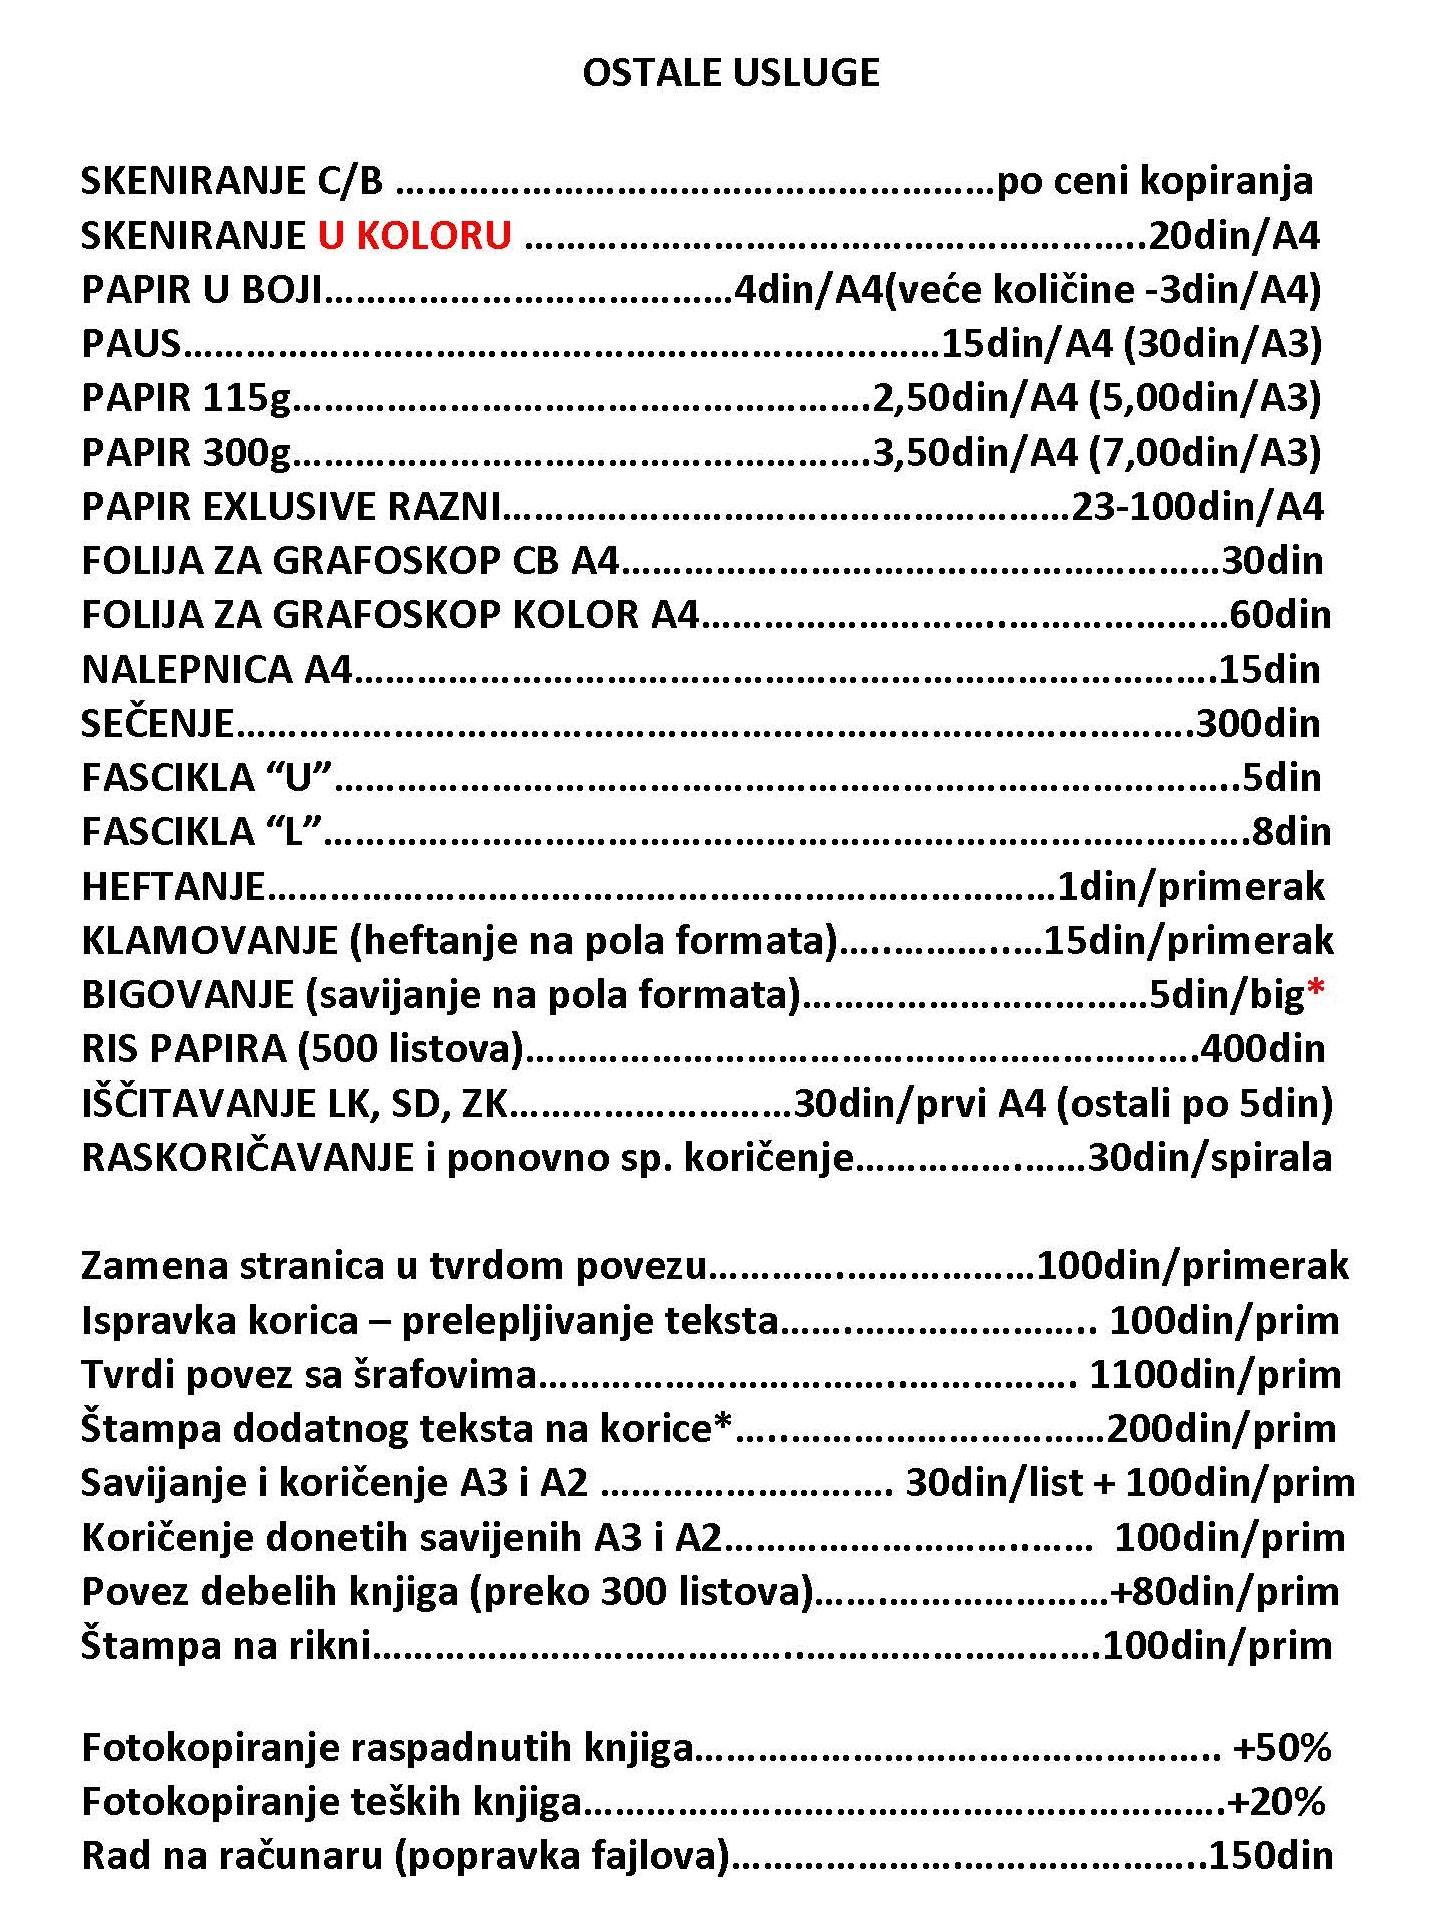 Cenovnik ostalih usluga Liman Novi Sad ABC fotokopirnica